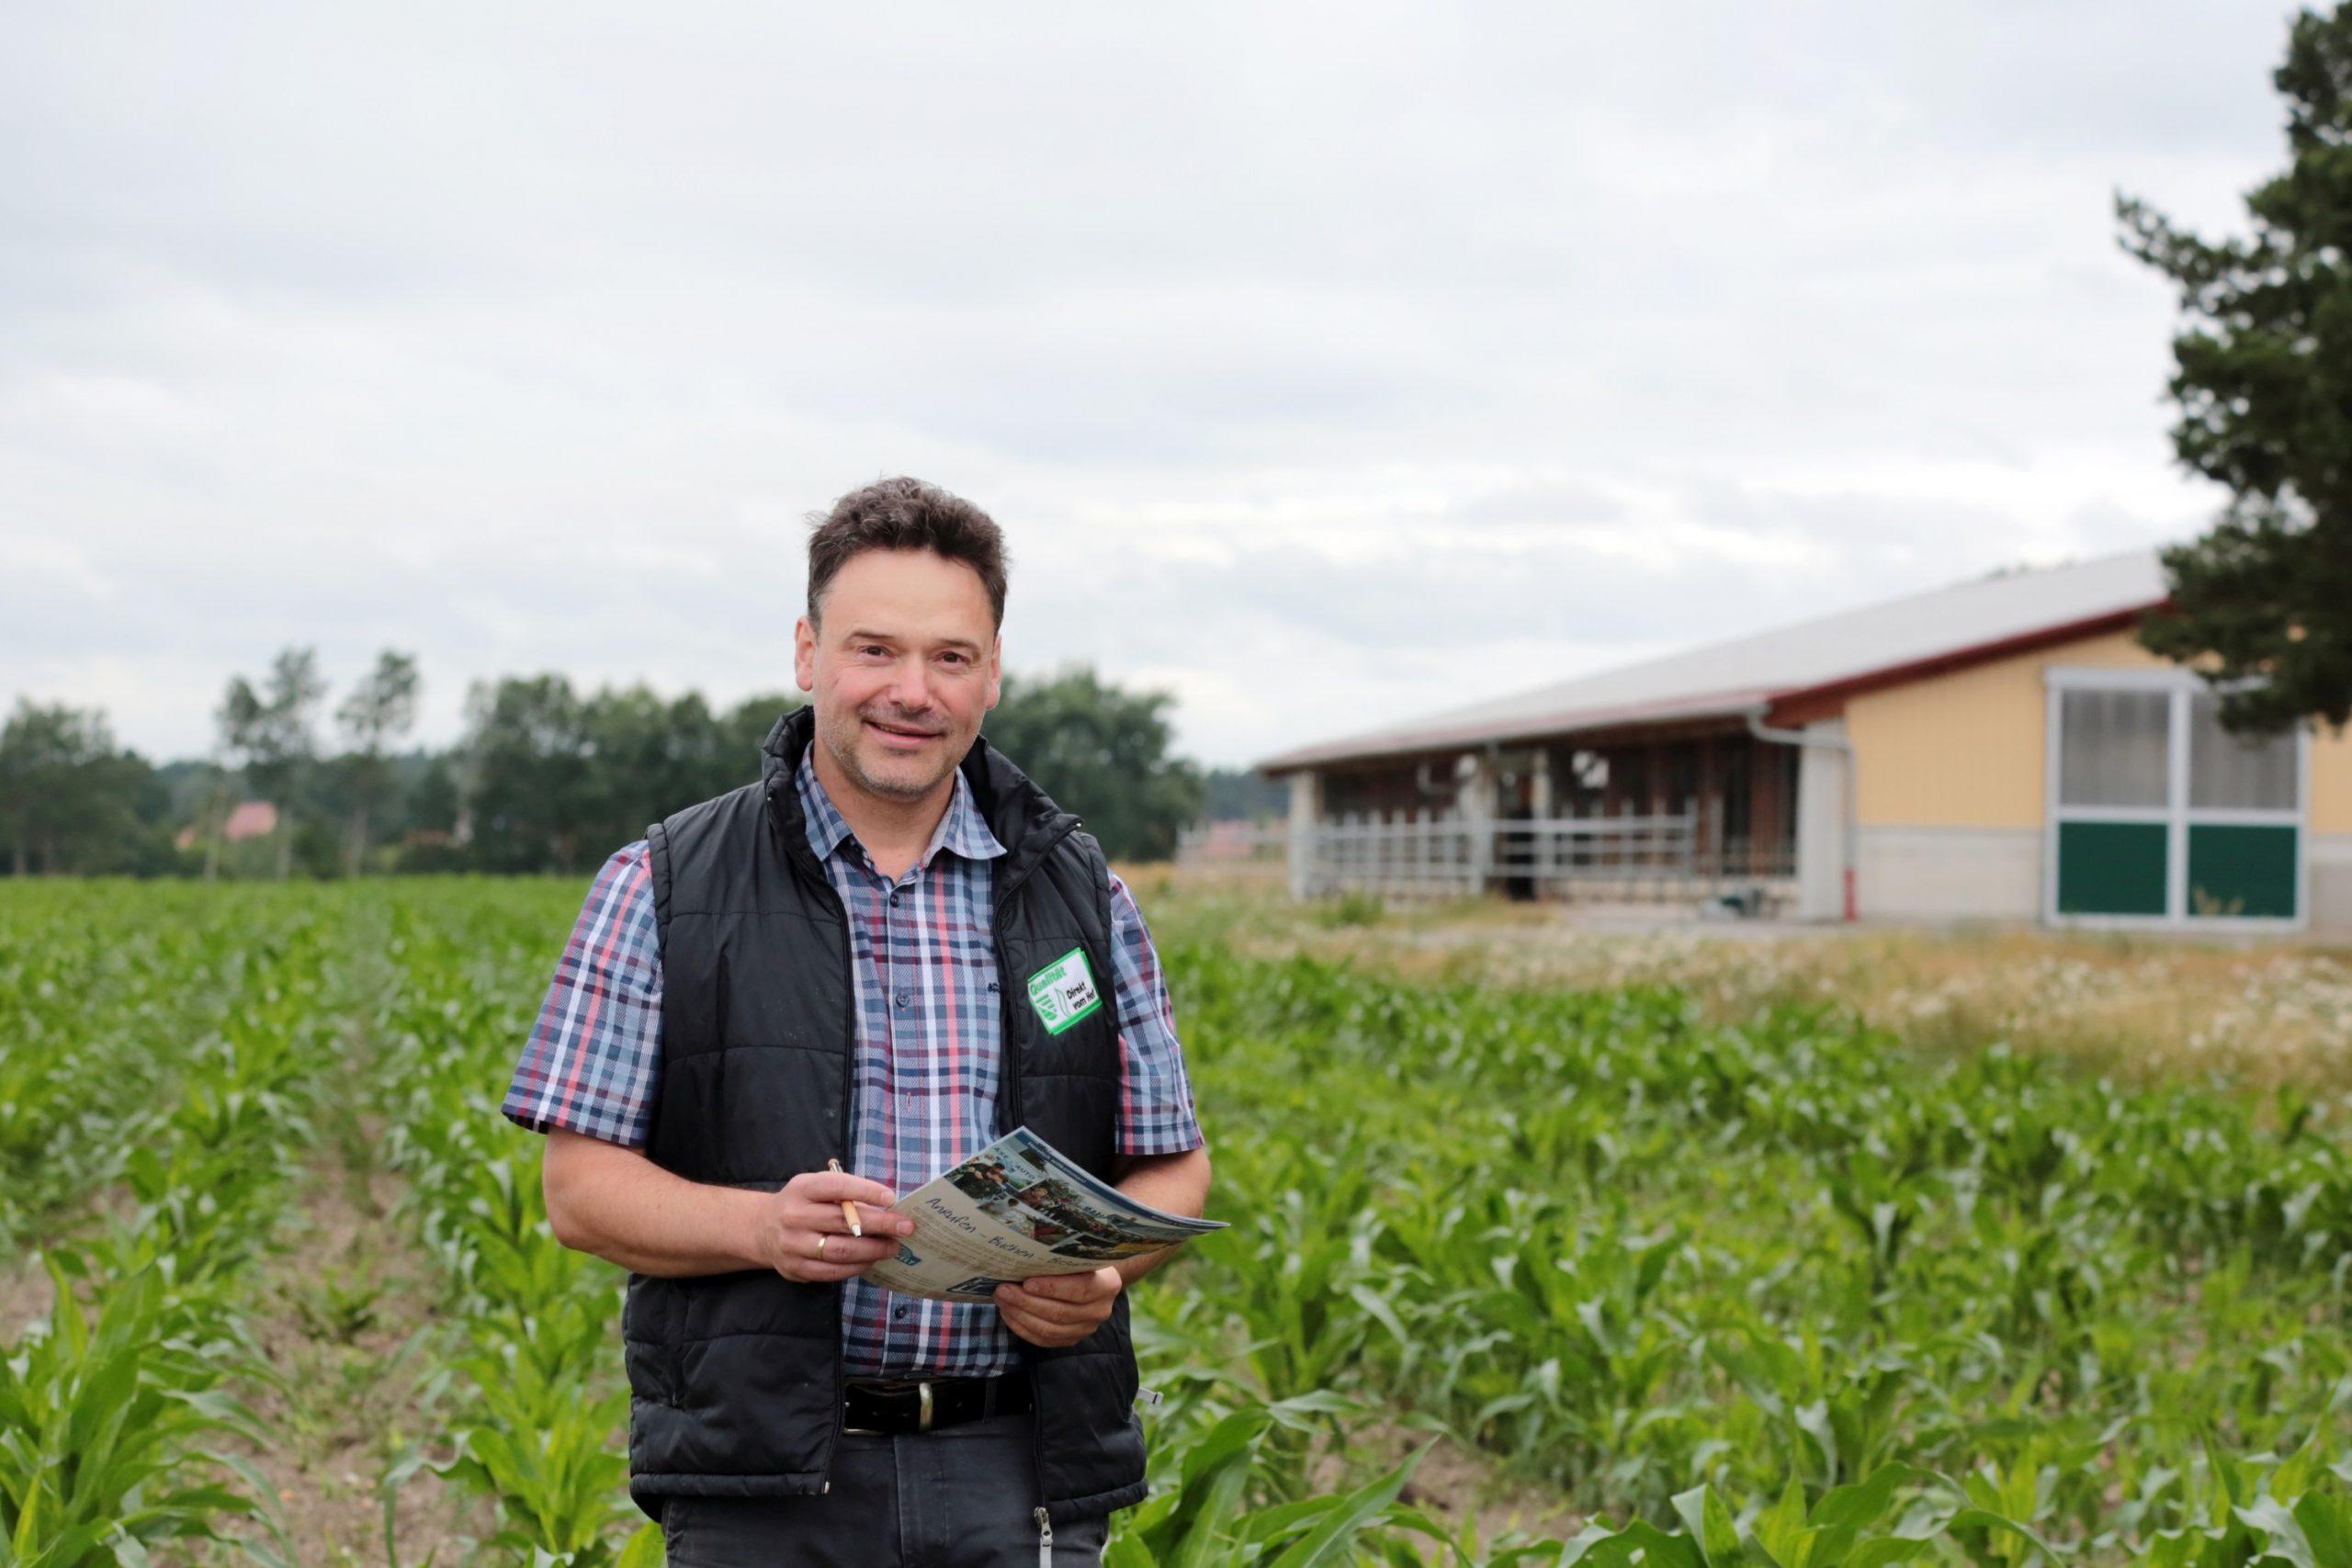 Tobias Kockert konzentriert sich in der Krabat Milchwelt auf die Landwirtschaft. (Foto: Krabat Milchwelt)